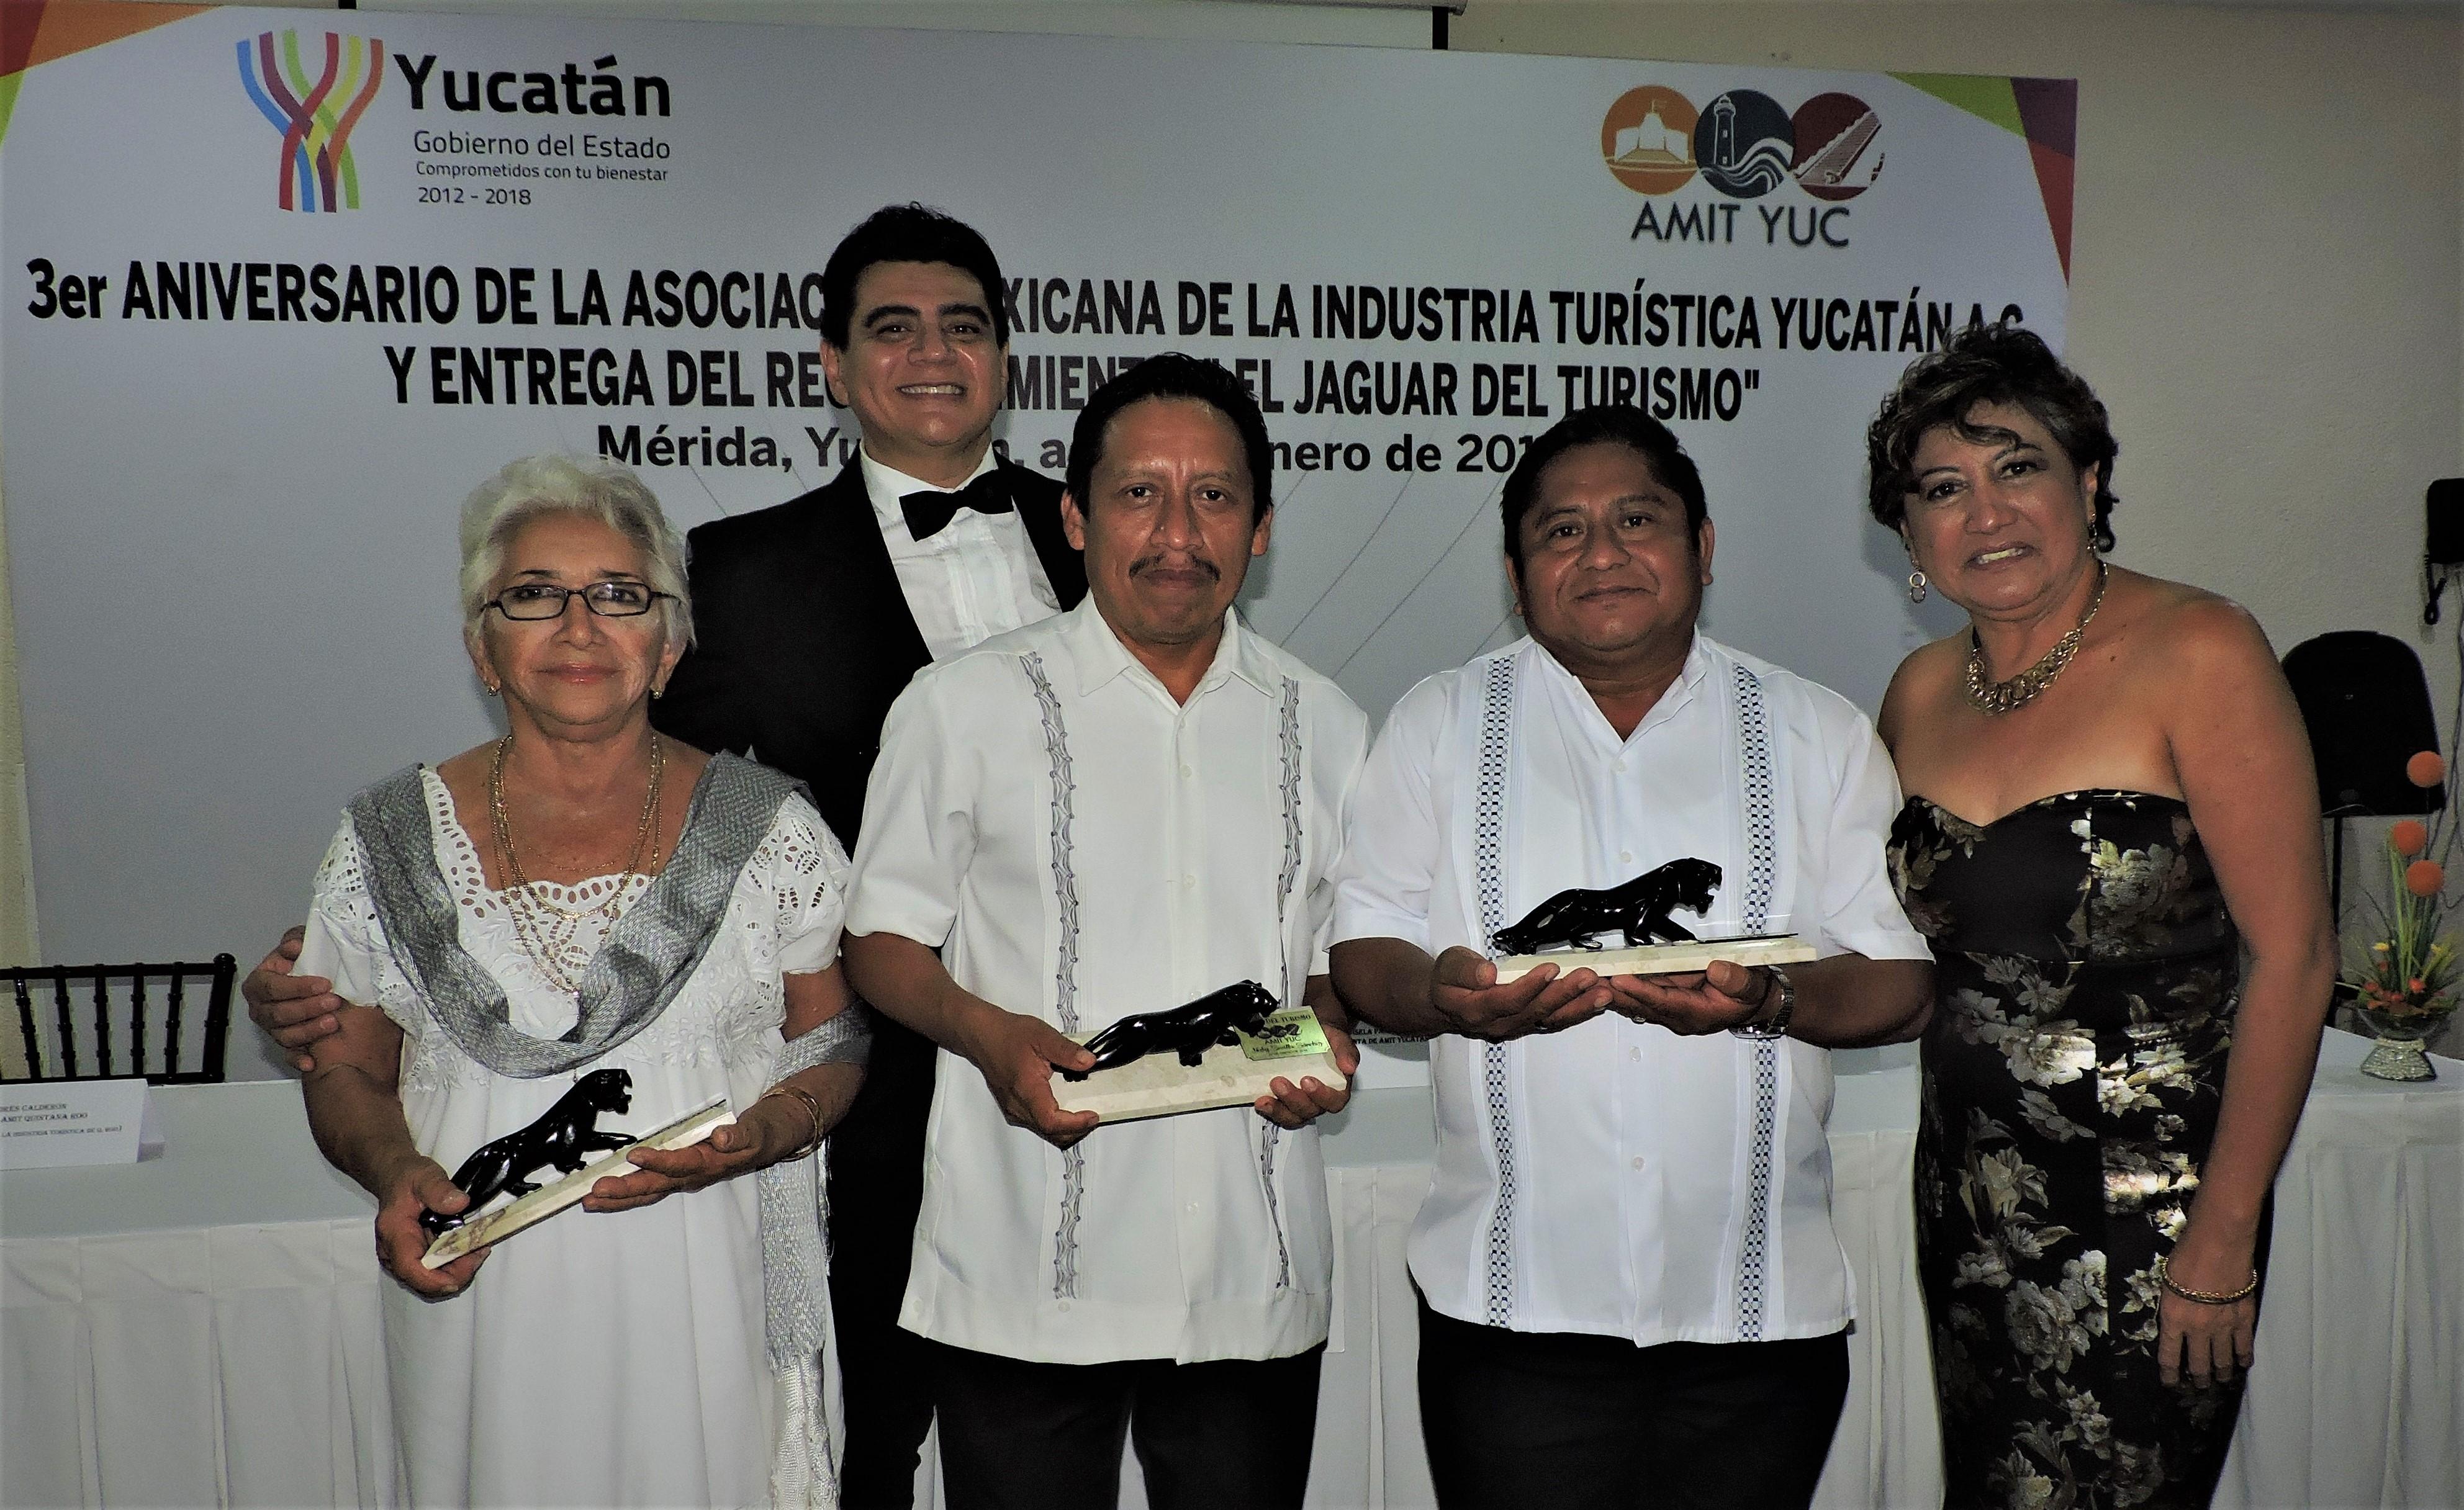 """Nuby-Sevilla-Sánchez-Crisanto-Kumul-y-Bernardo-Caamal-Itzá-destacados-promotores-culturales-anoche-recibieron-el-galardón-Báalam-o-""""J.jpg"""